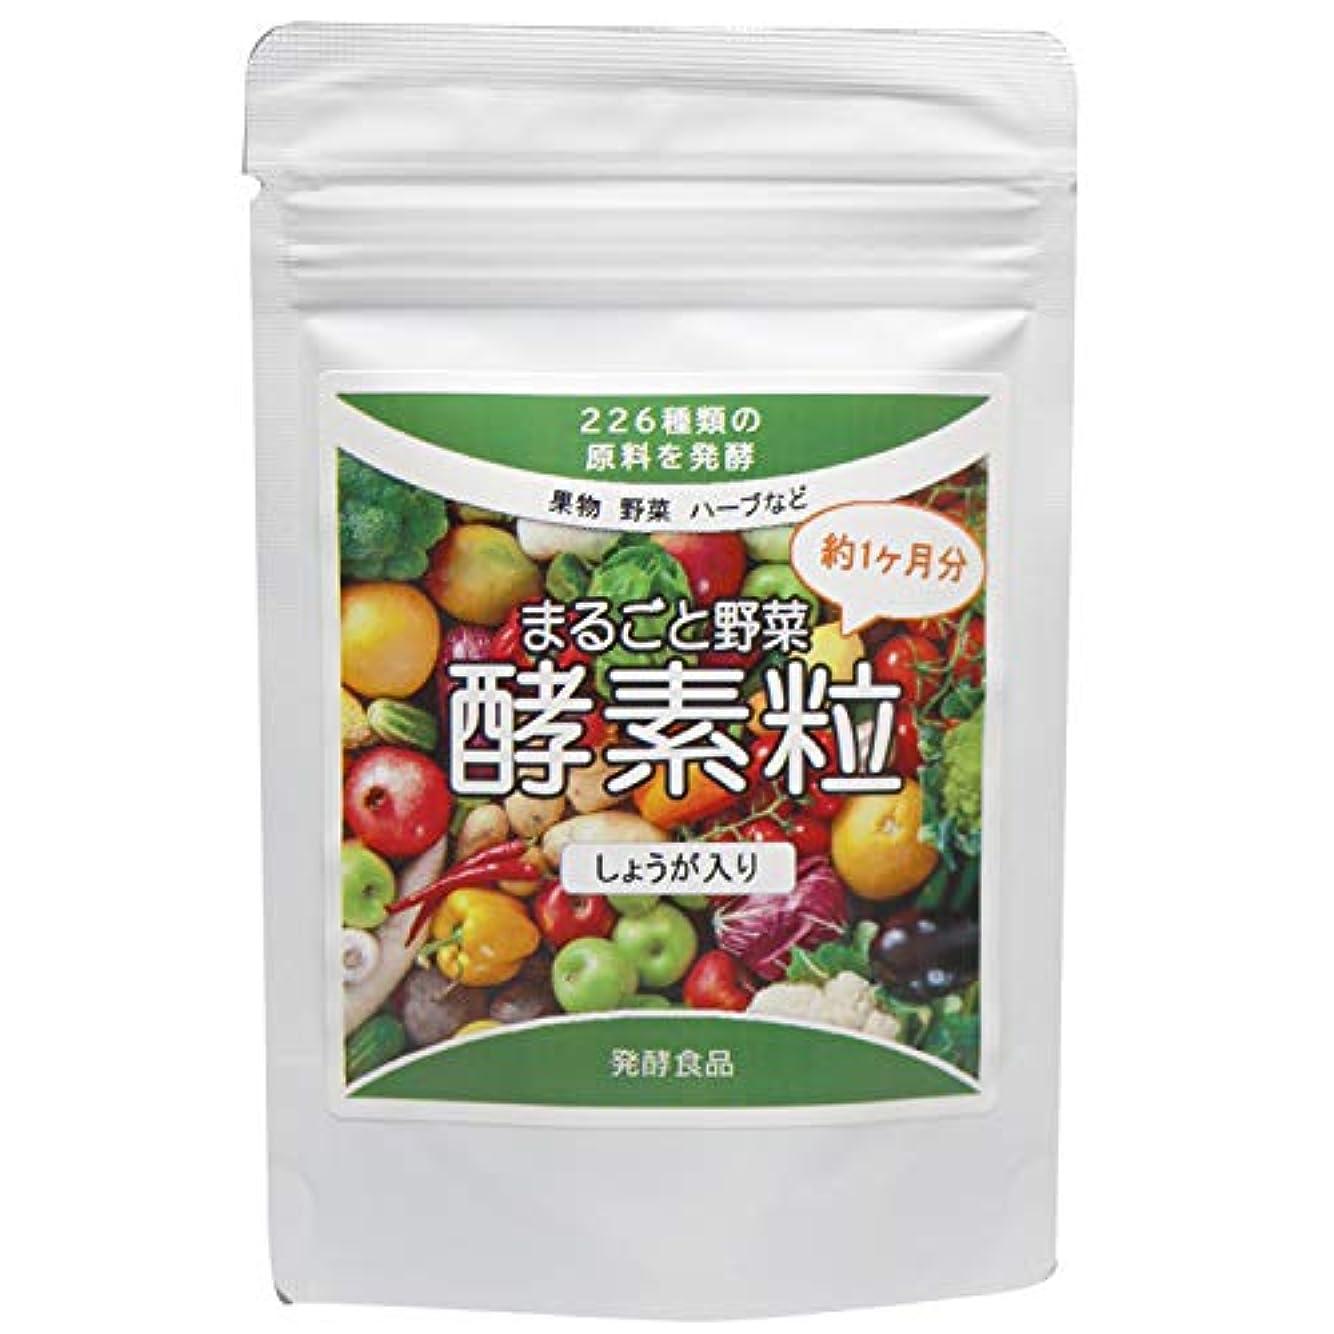 ポジティブあいにく製造まるごと野菜酵素粒 226種類の野菜発酵(しょうが入り) 約4ヶ月分 (440mg×120粒)